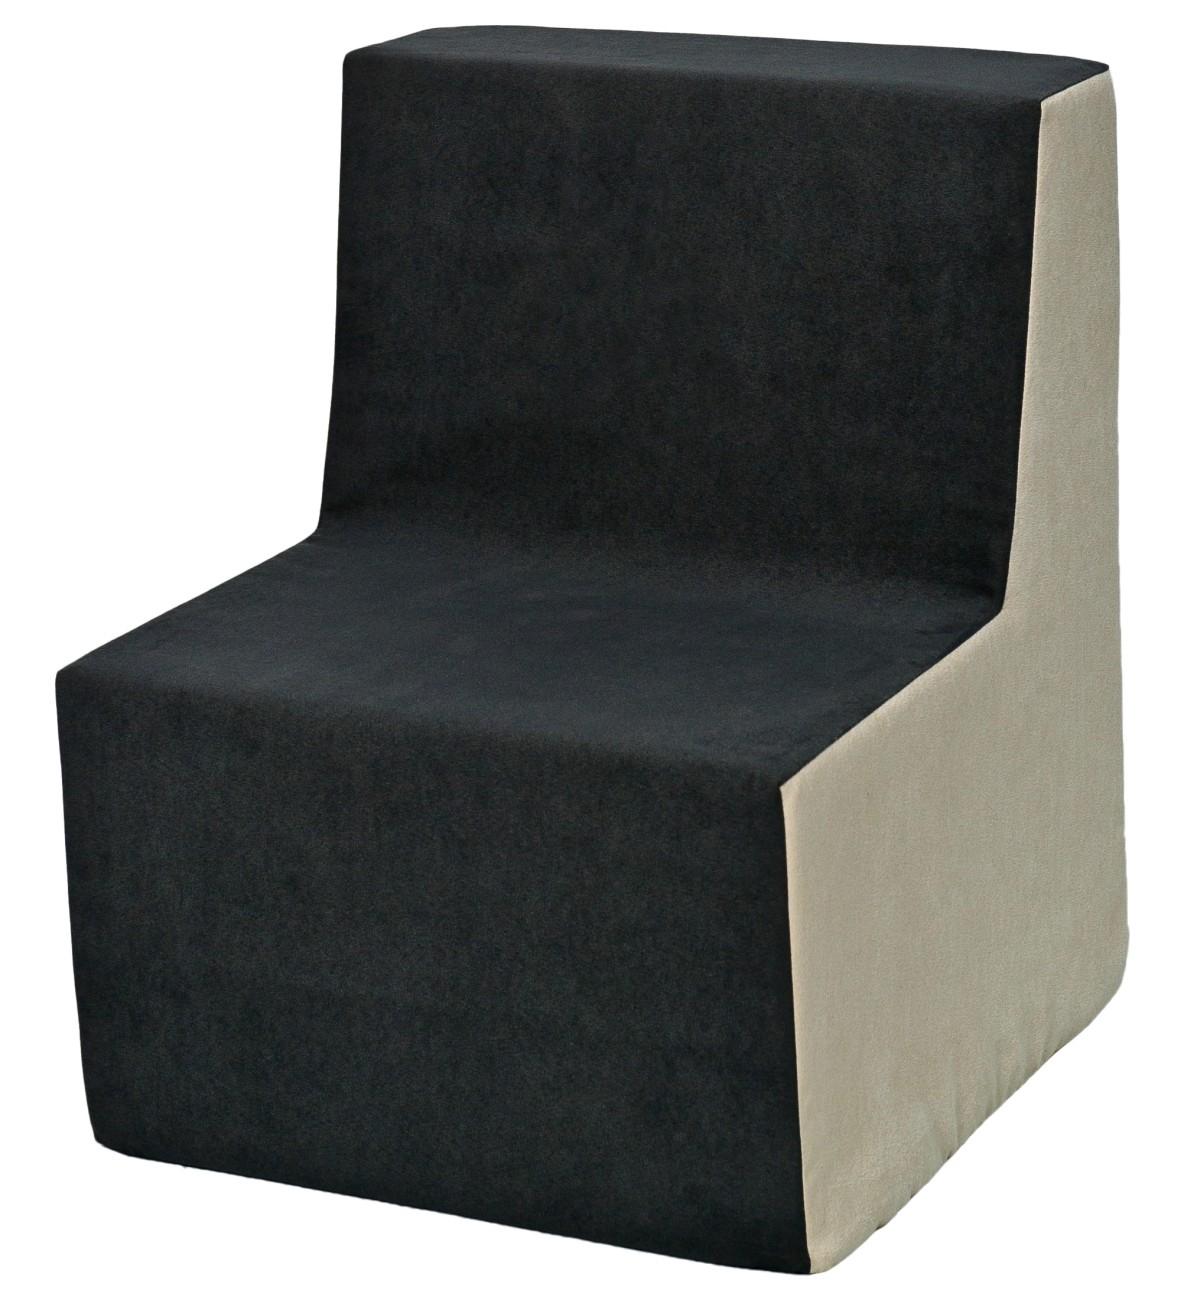 chaise fauteuil pouf pour chambre d enfant jeu confort repos ebay. Black Bedroom Furniture Sets. Home Design Ideas